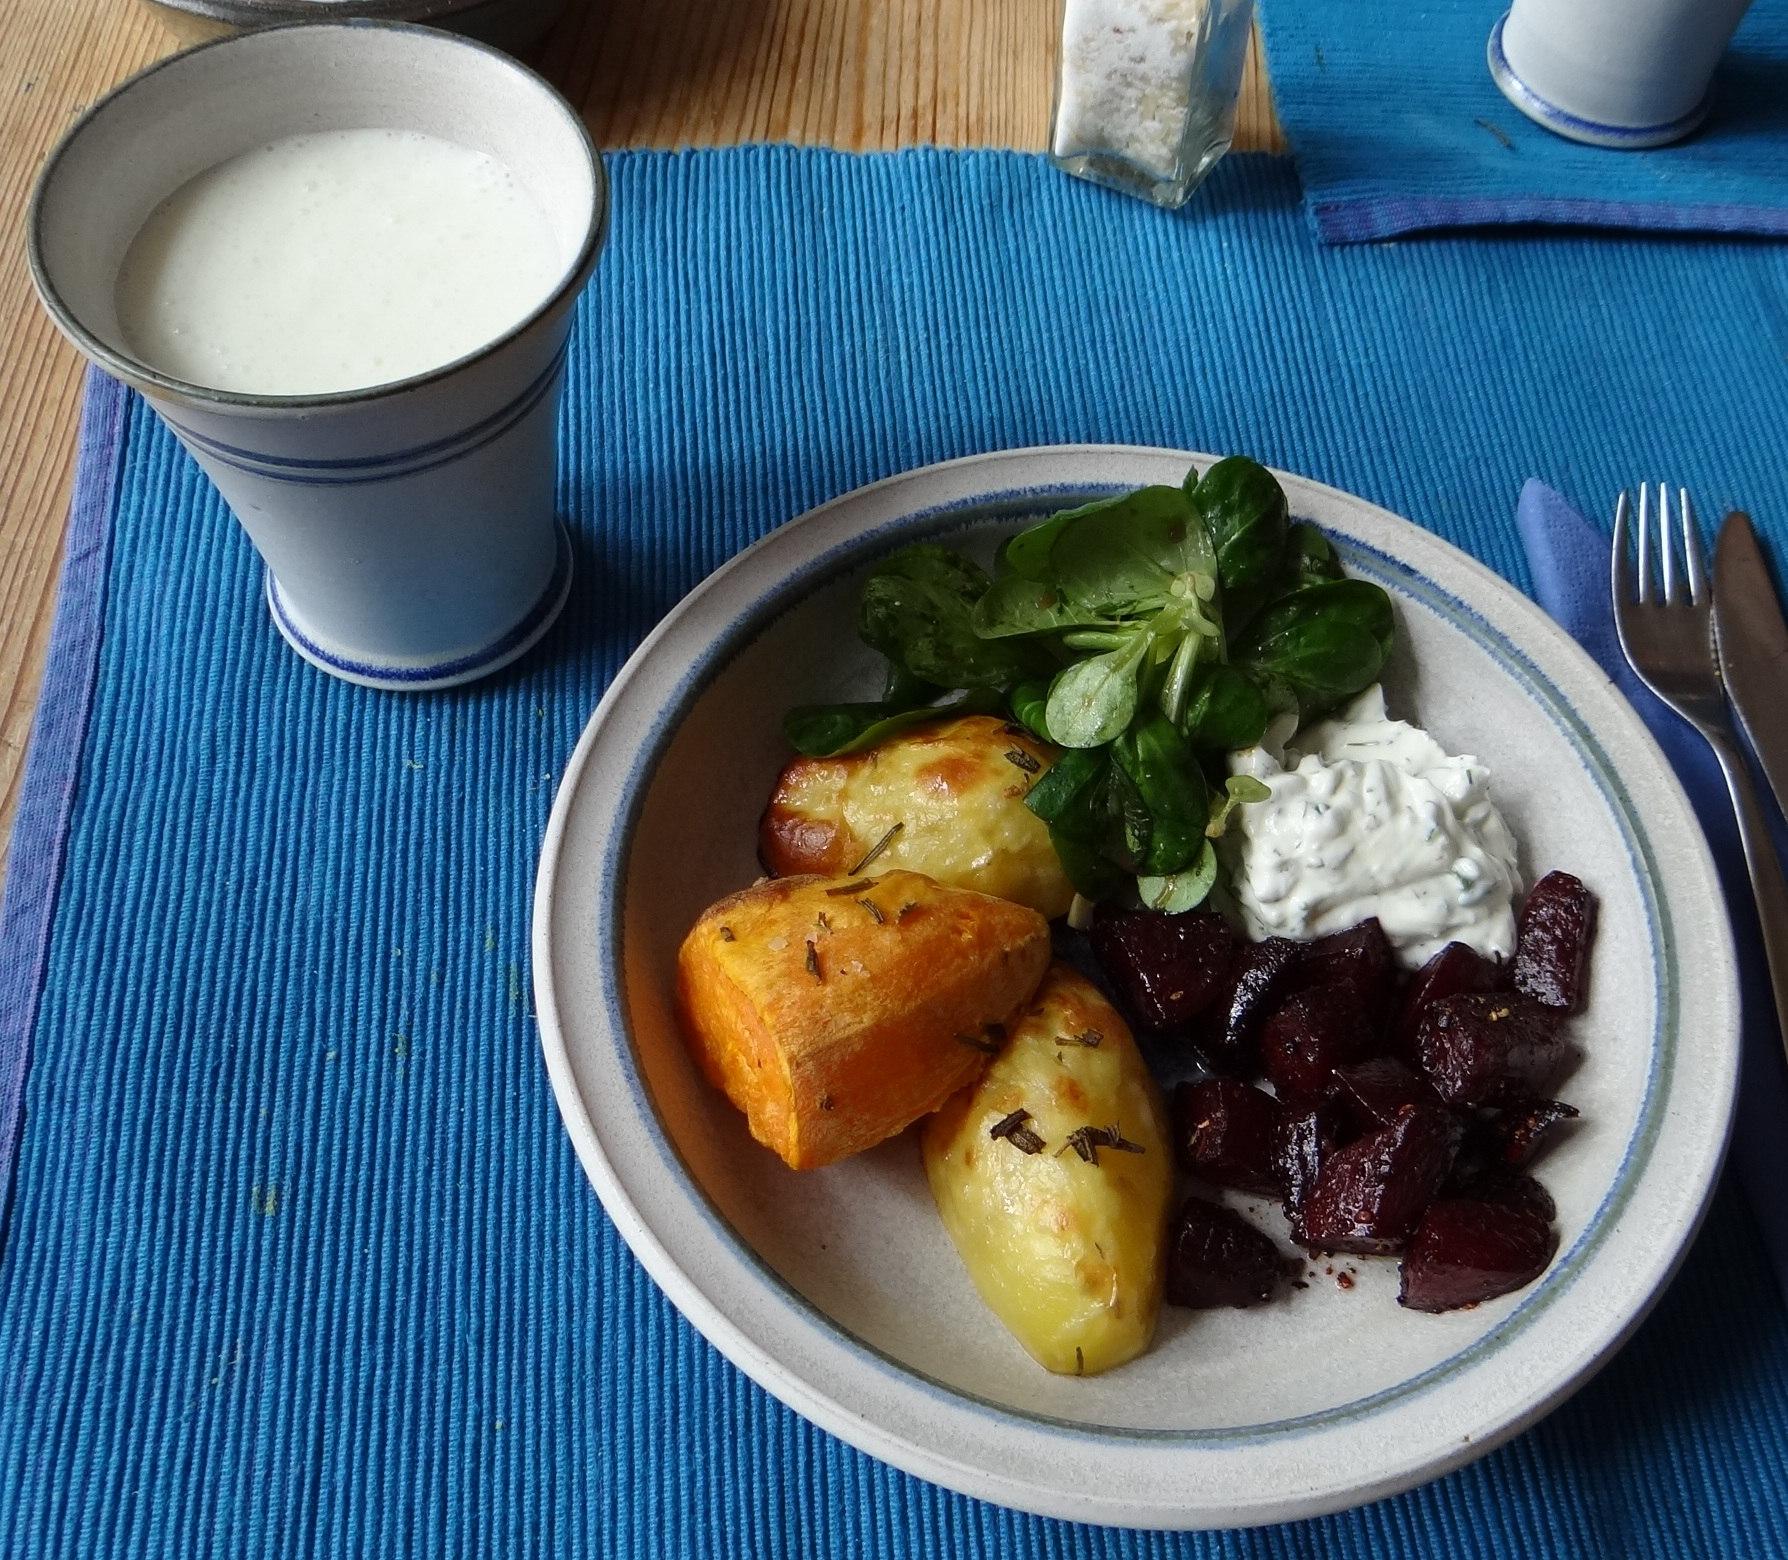 rote-beetegemuseofenkartoffelquark-dipfeldsalat-1